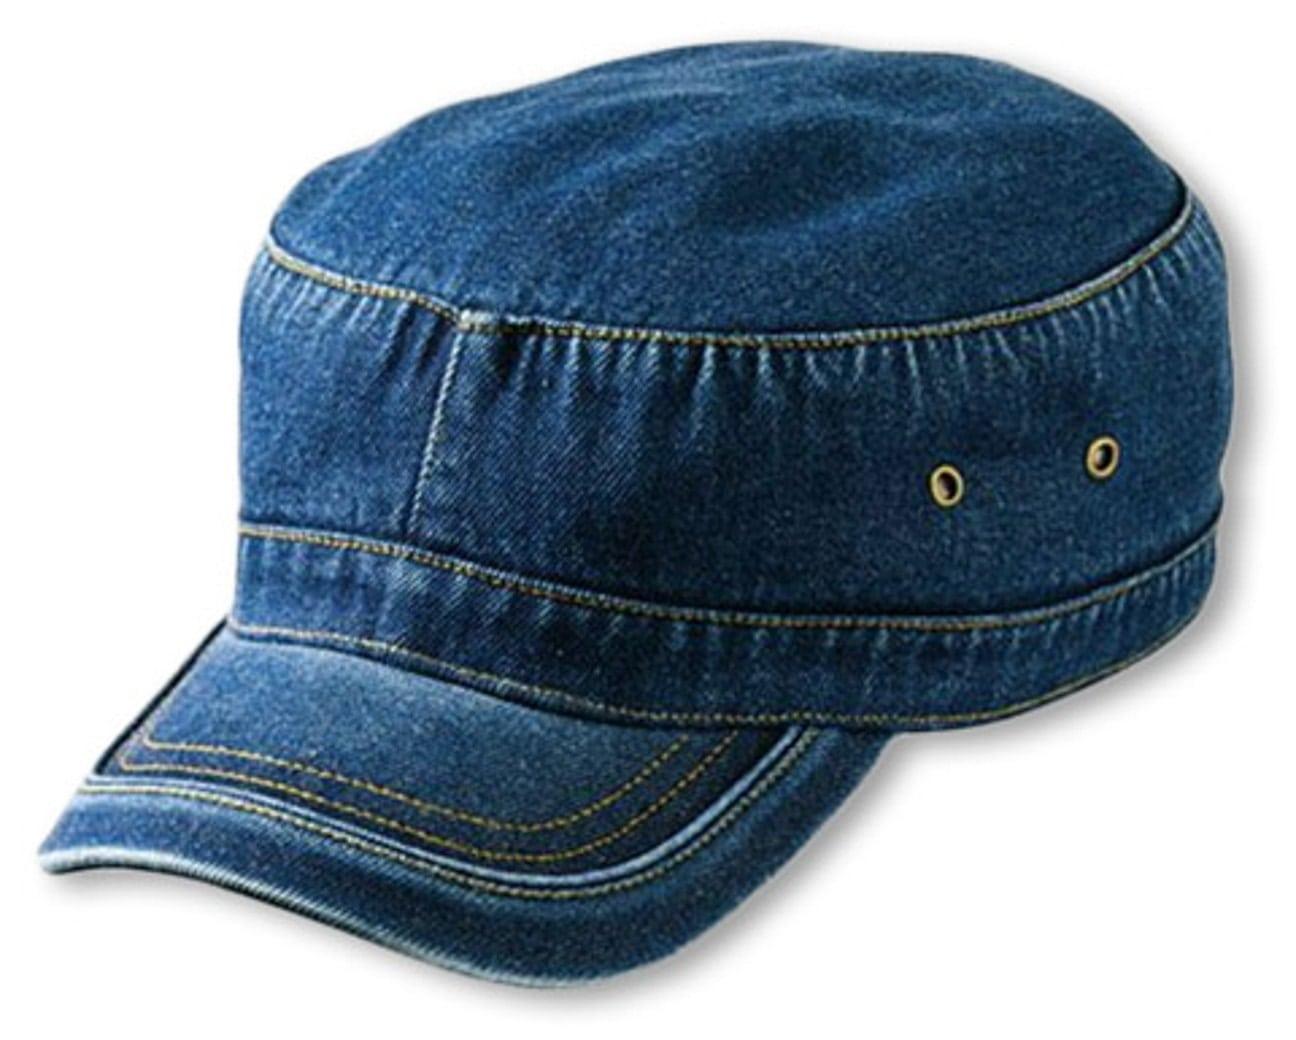 Gorra Militar de Denim Lavado - Gorras - sombreroshop.es 8bdc2bd3f72